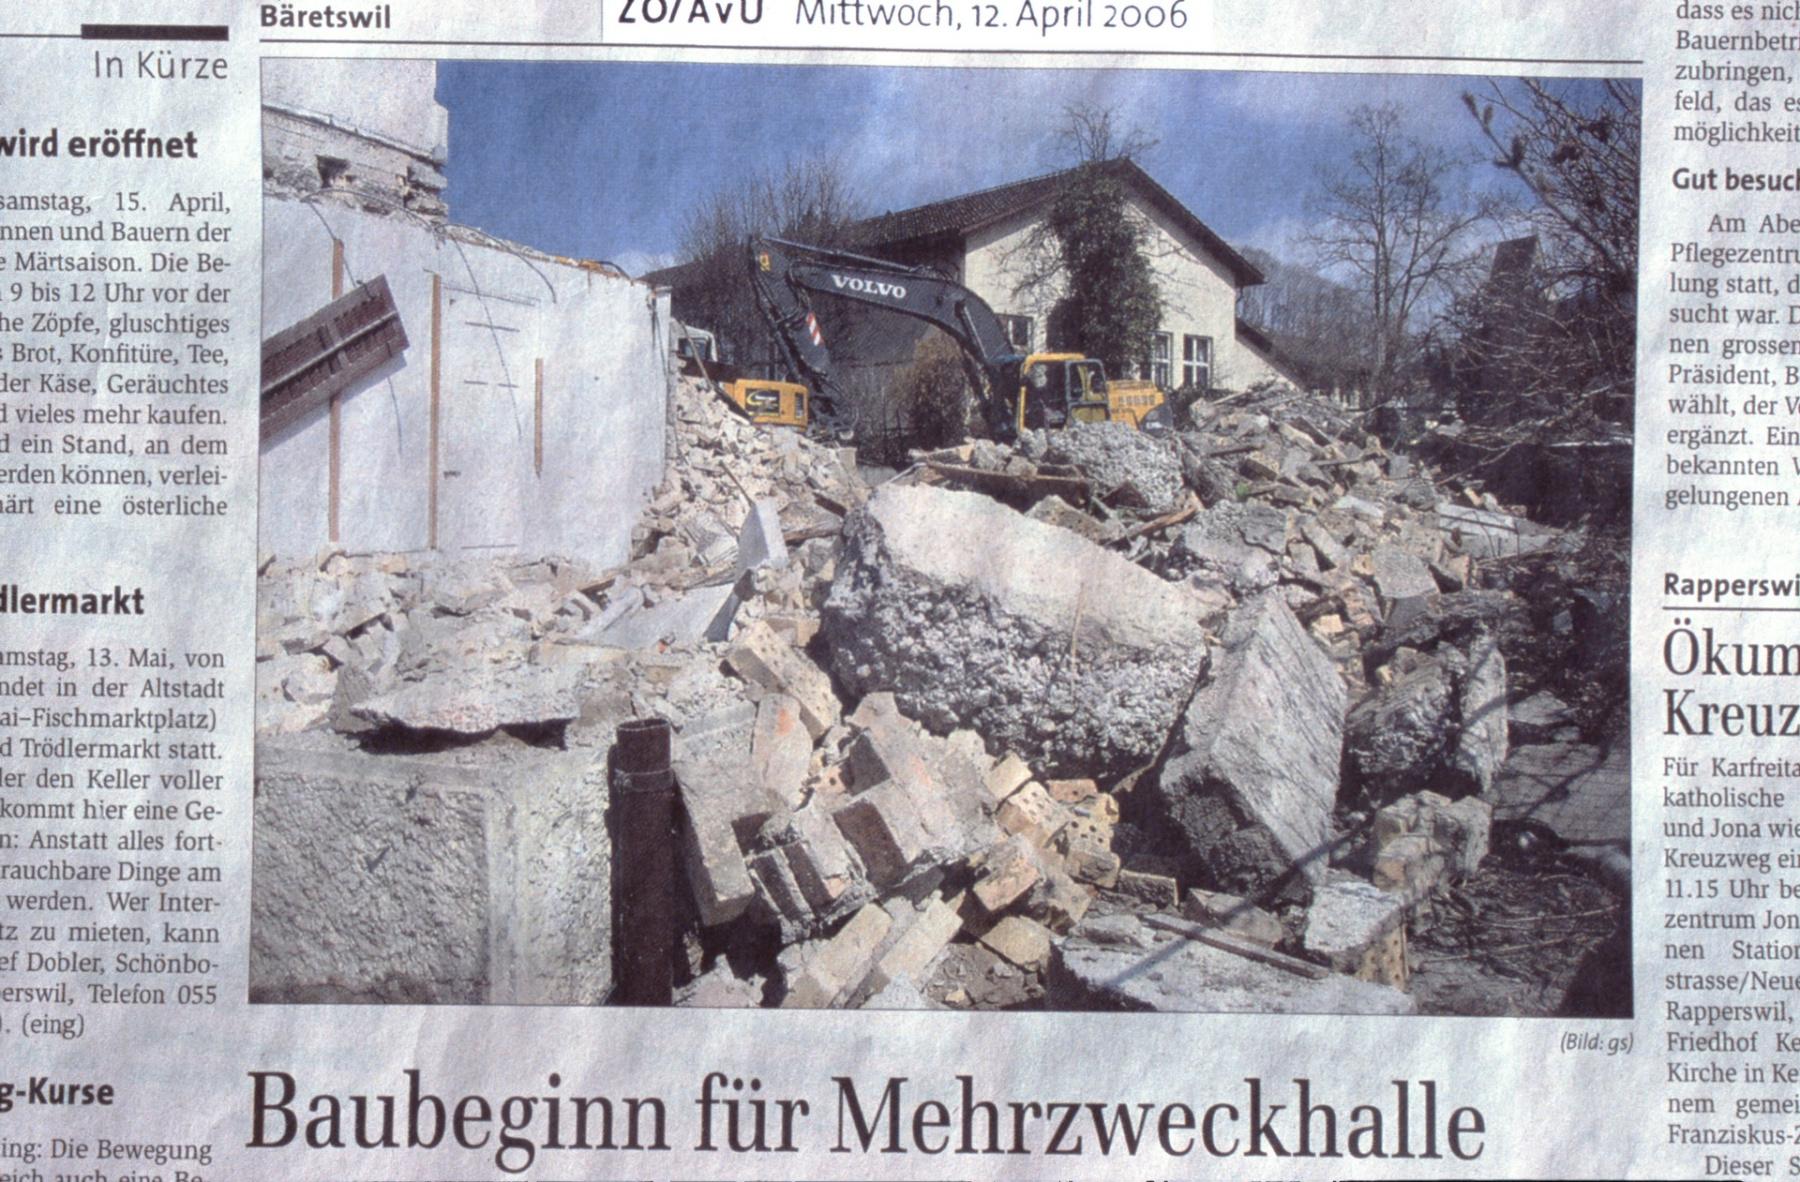 Baubeginn für Mehrzweckhalle